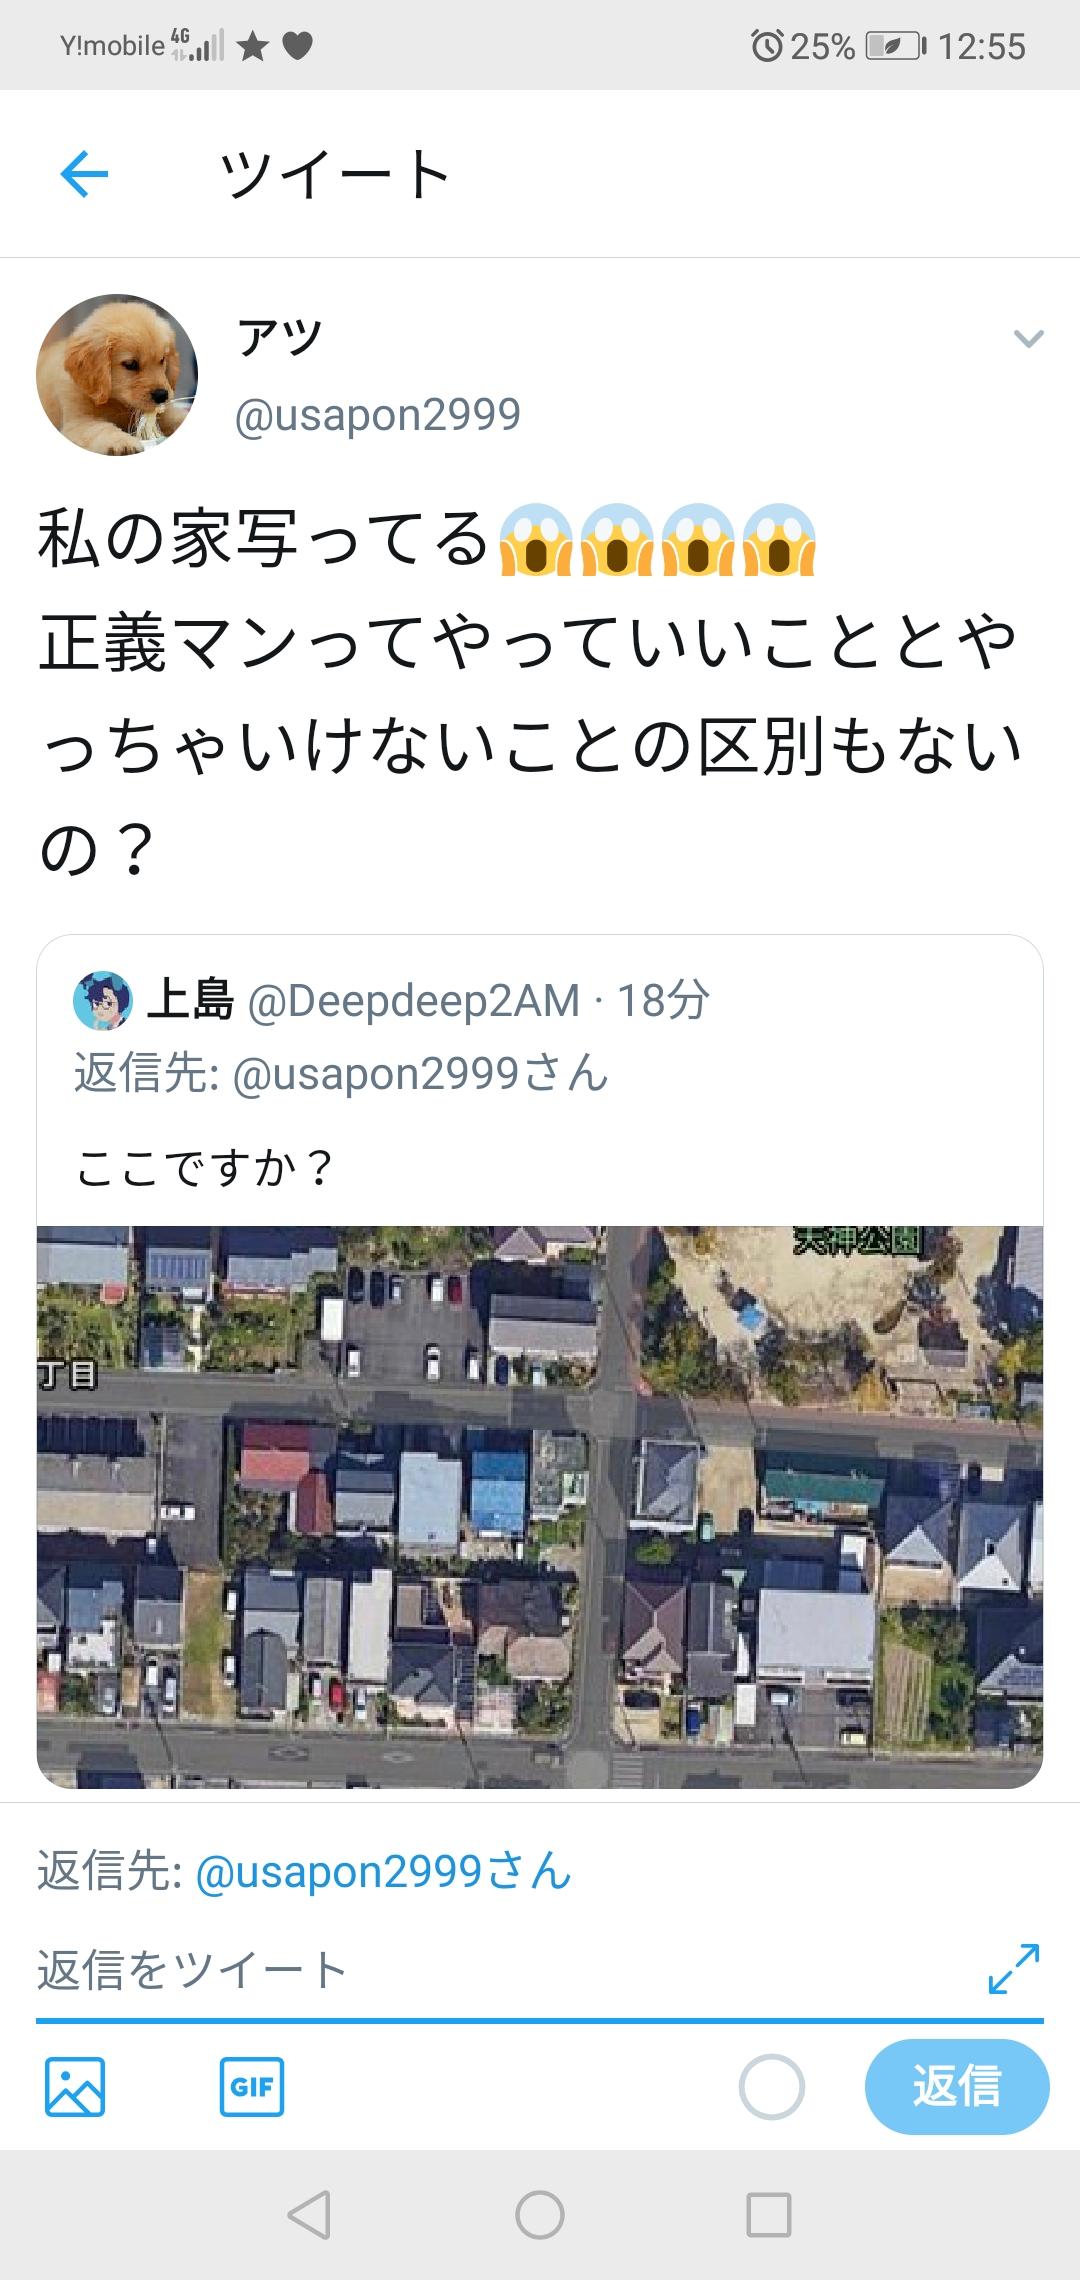 【転売ヤー死亡】日本政府、来週にもマスクを転売した者に「5年以下の懲役、または、300万円以下の罰金」を科すことを検討